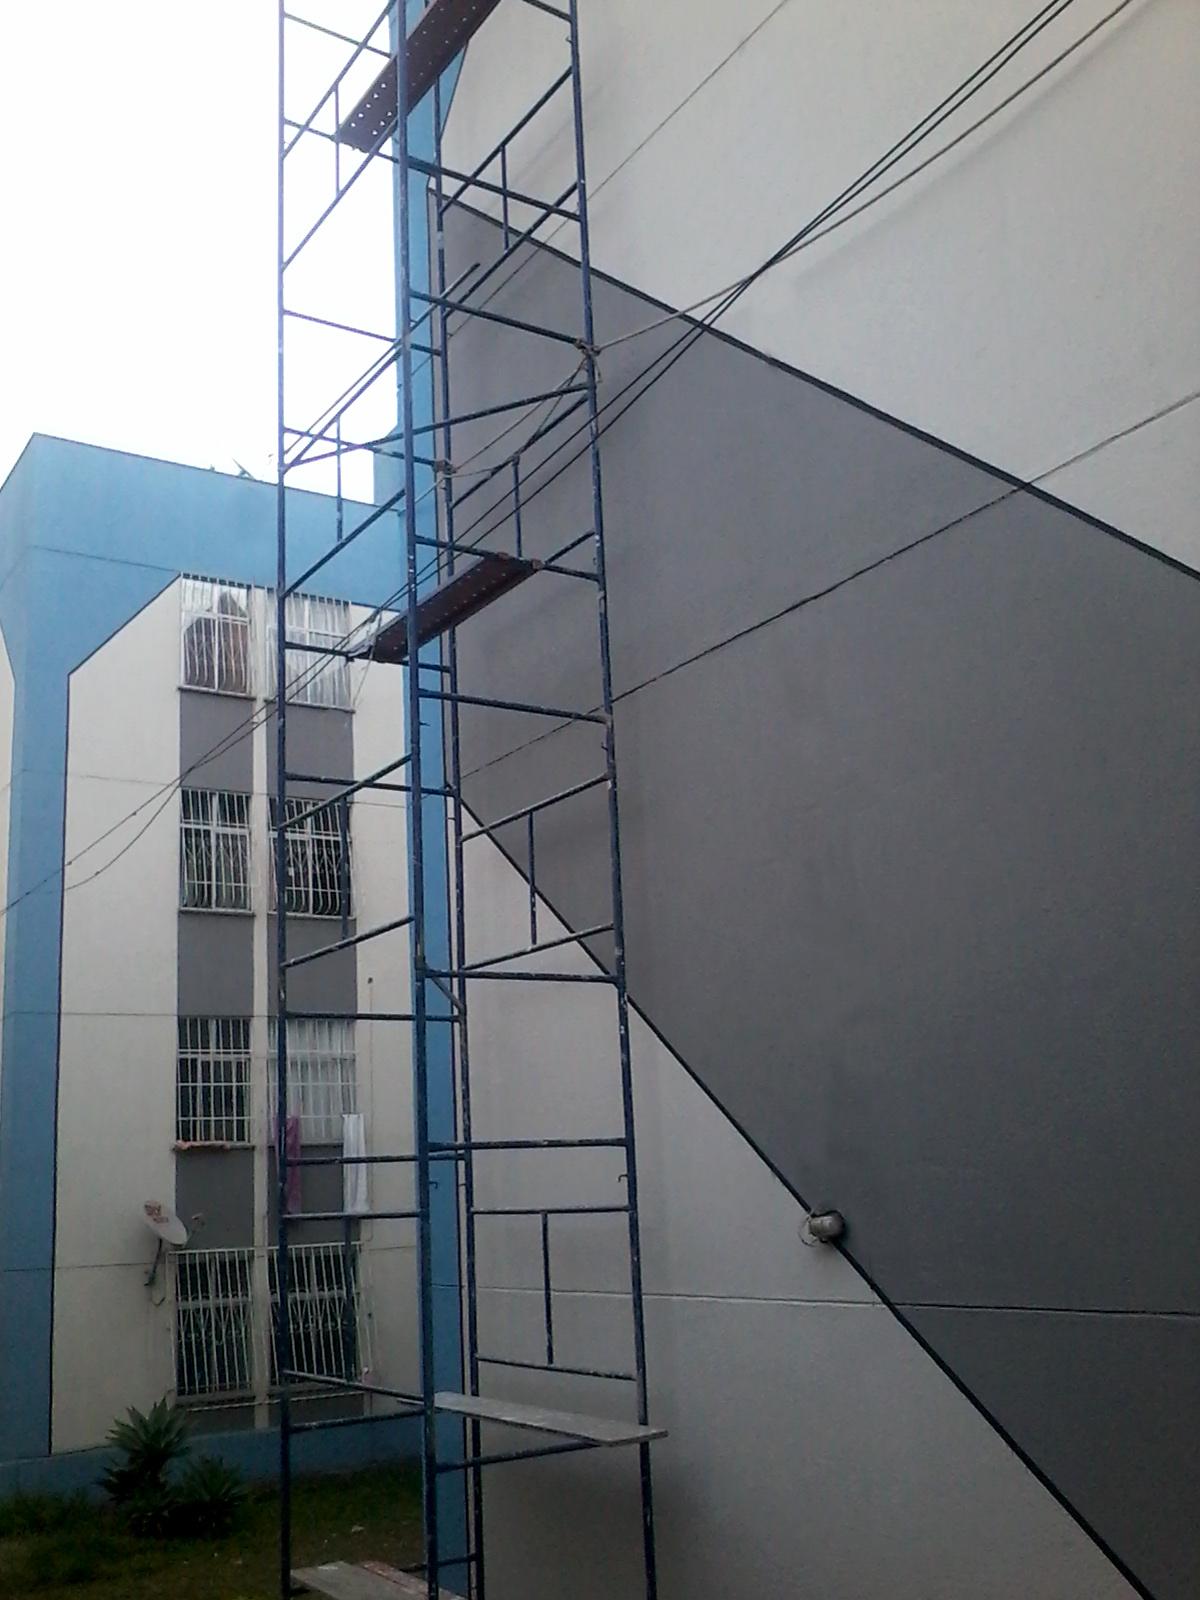 Impermeabilização de fachada